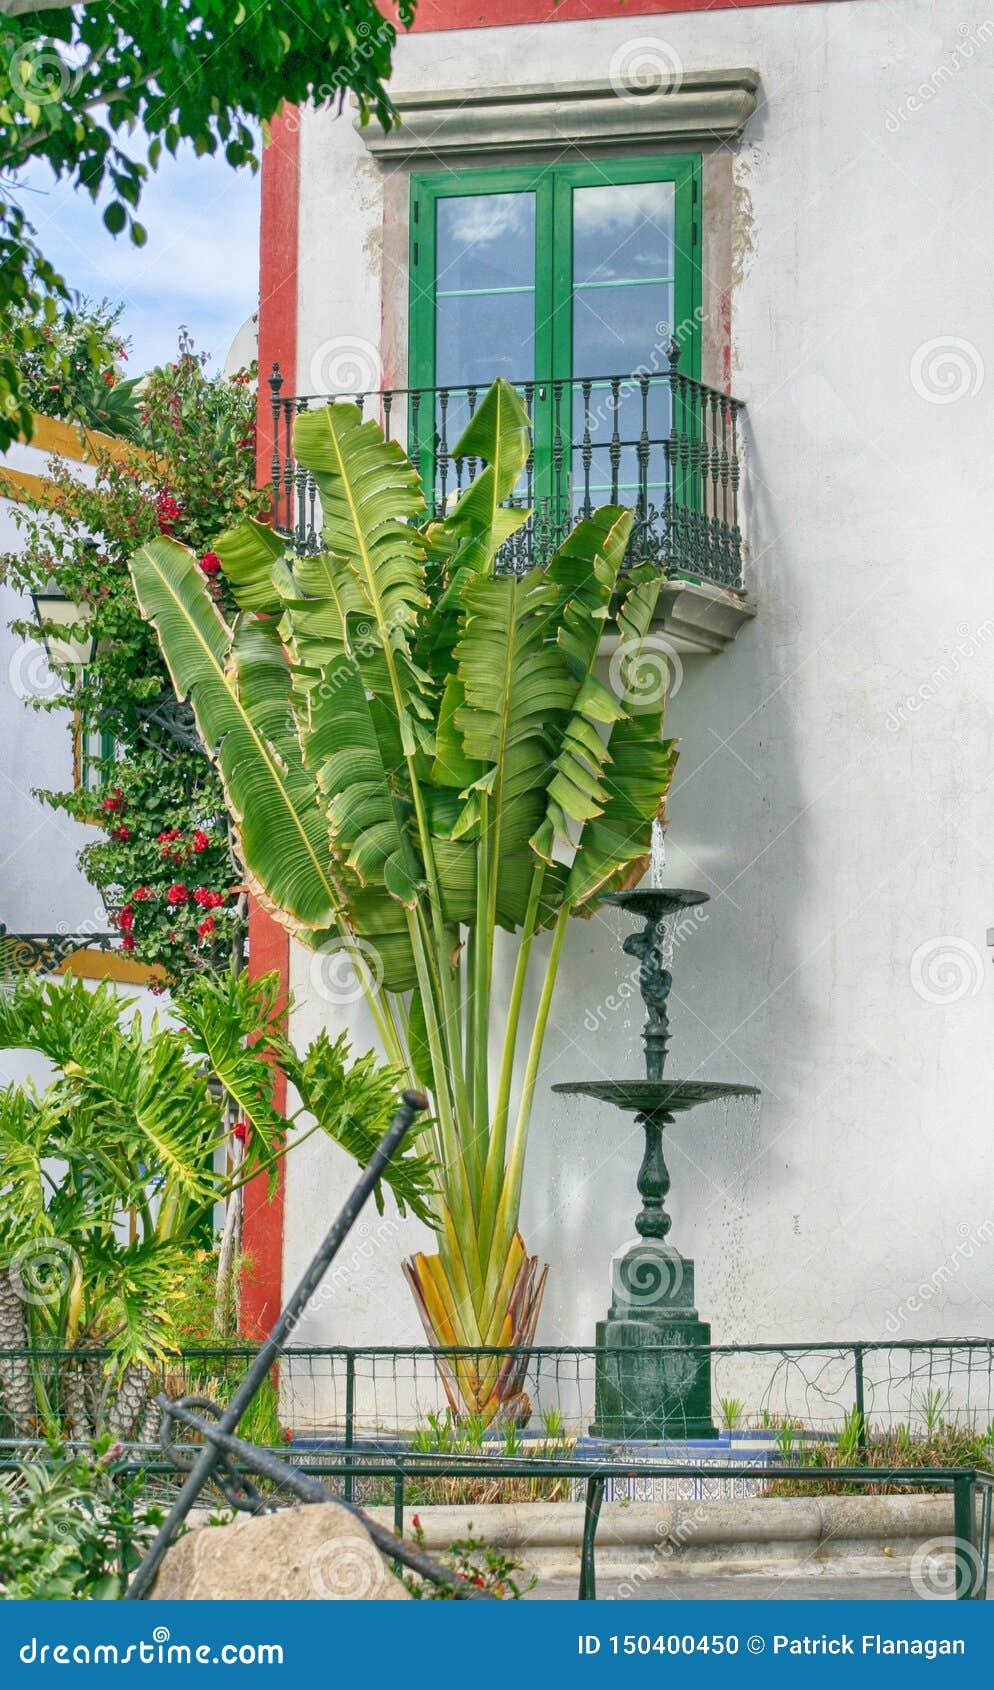 棕榈树和喷泉在西班牙窗口前面